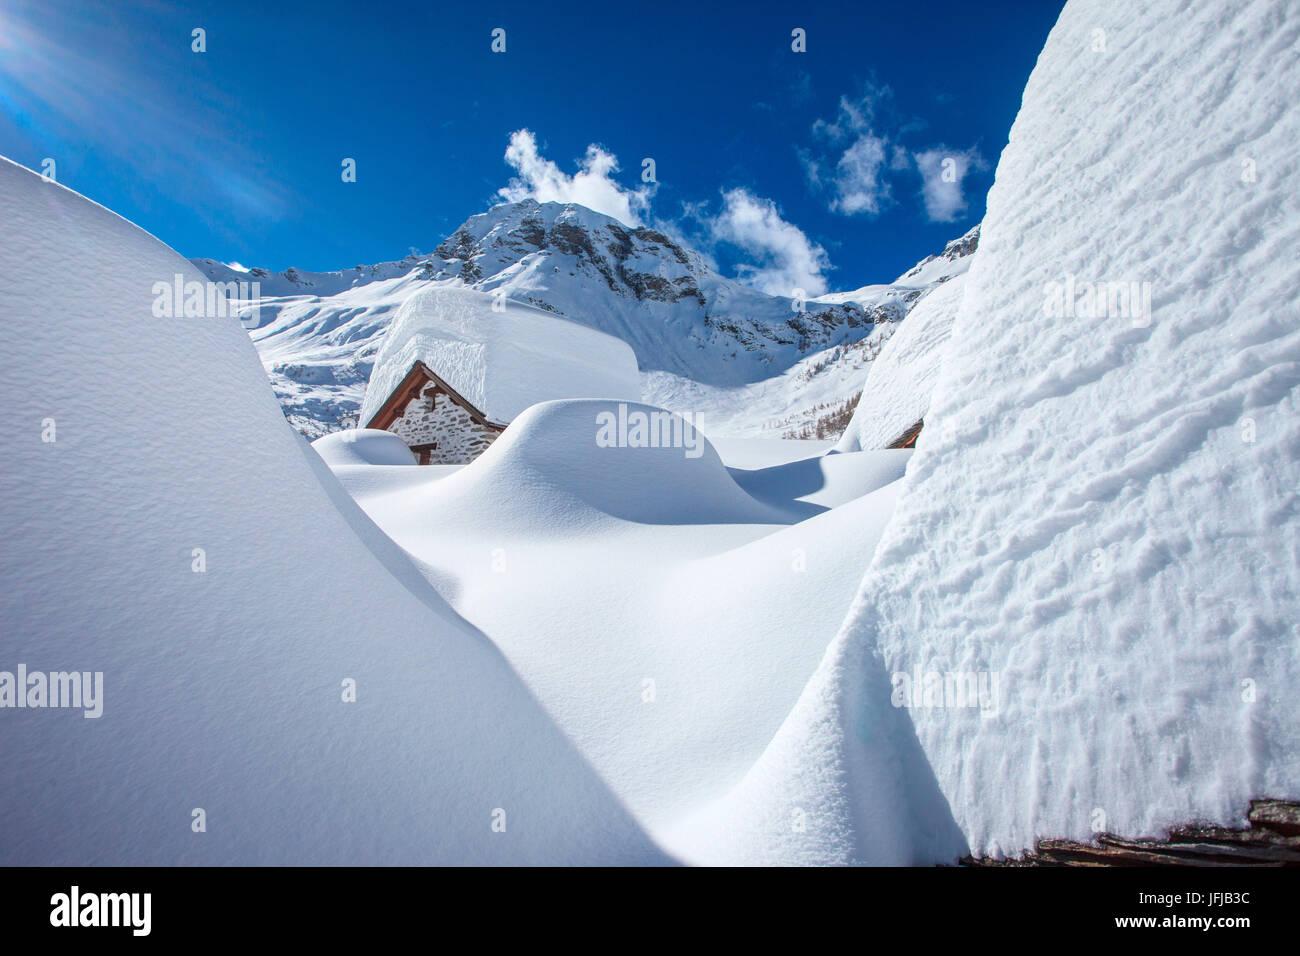 Chiavenna valley, nevoso inverno a Lendine alp, in background Pizzaccio mountain, Lombardia, Italia Foto Stock